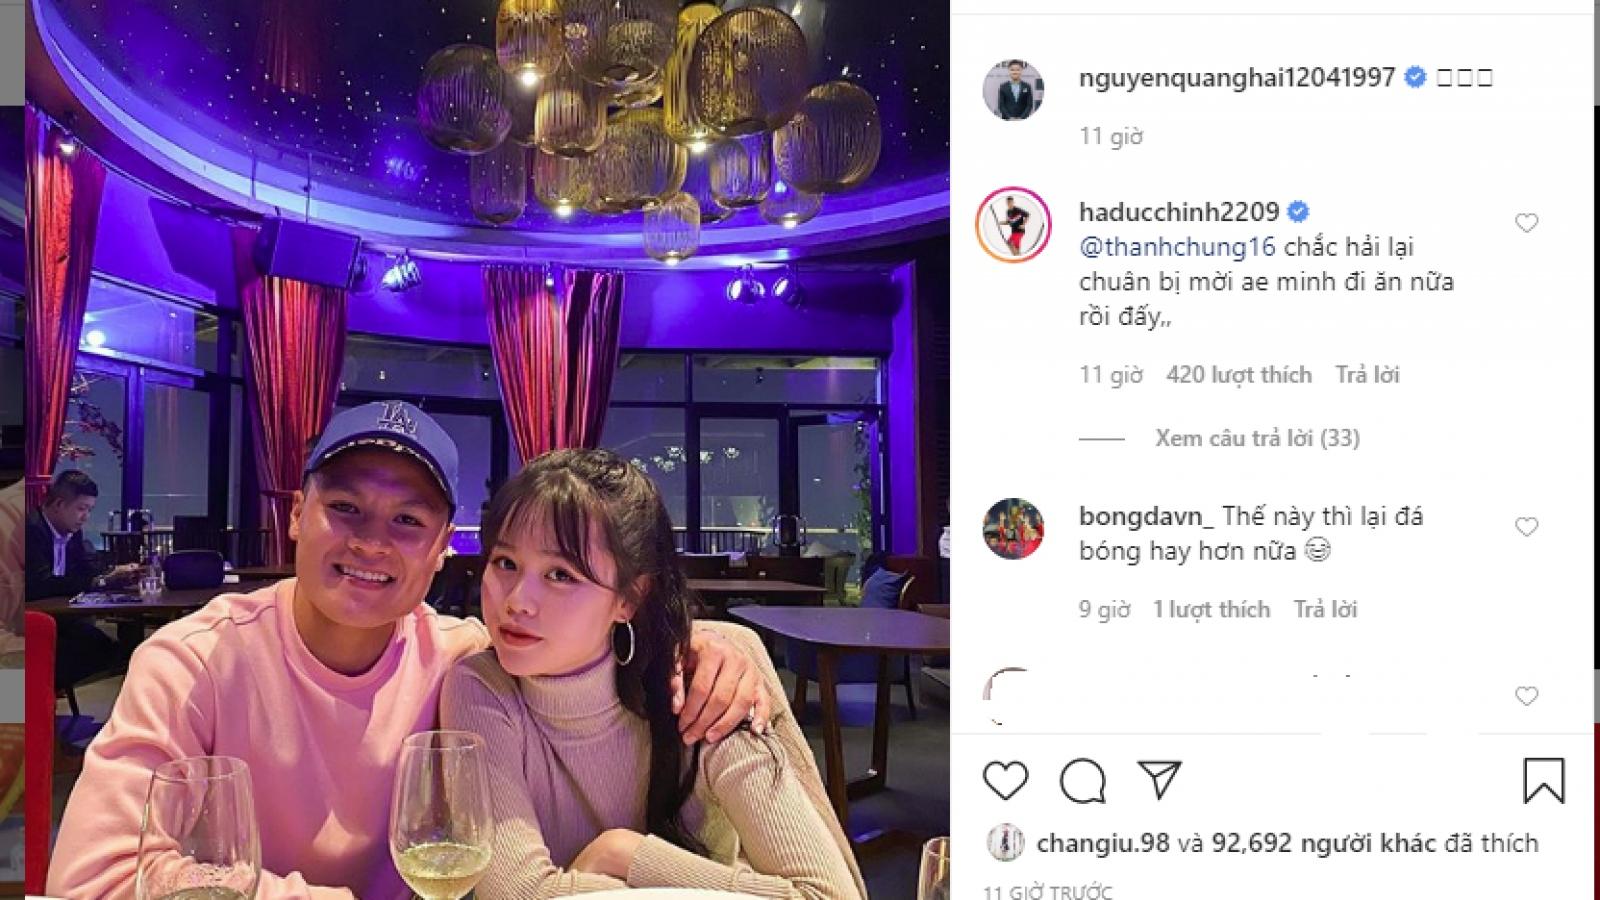 Quang Hải công khai bạn gái mới trên mạng xã hội